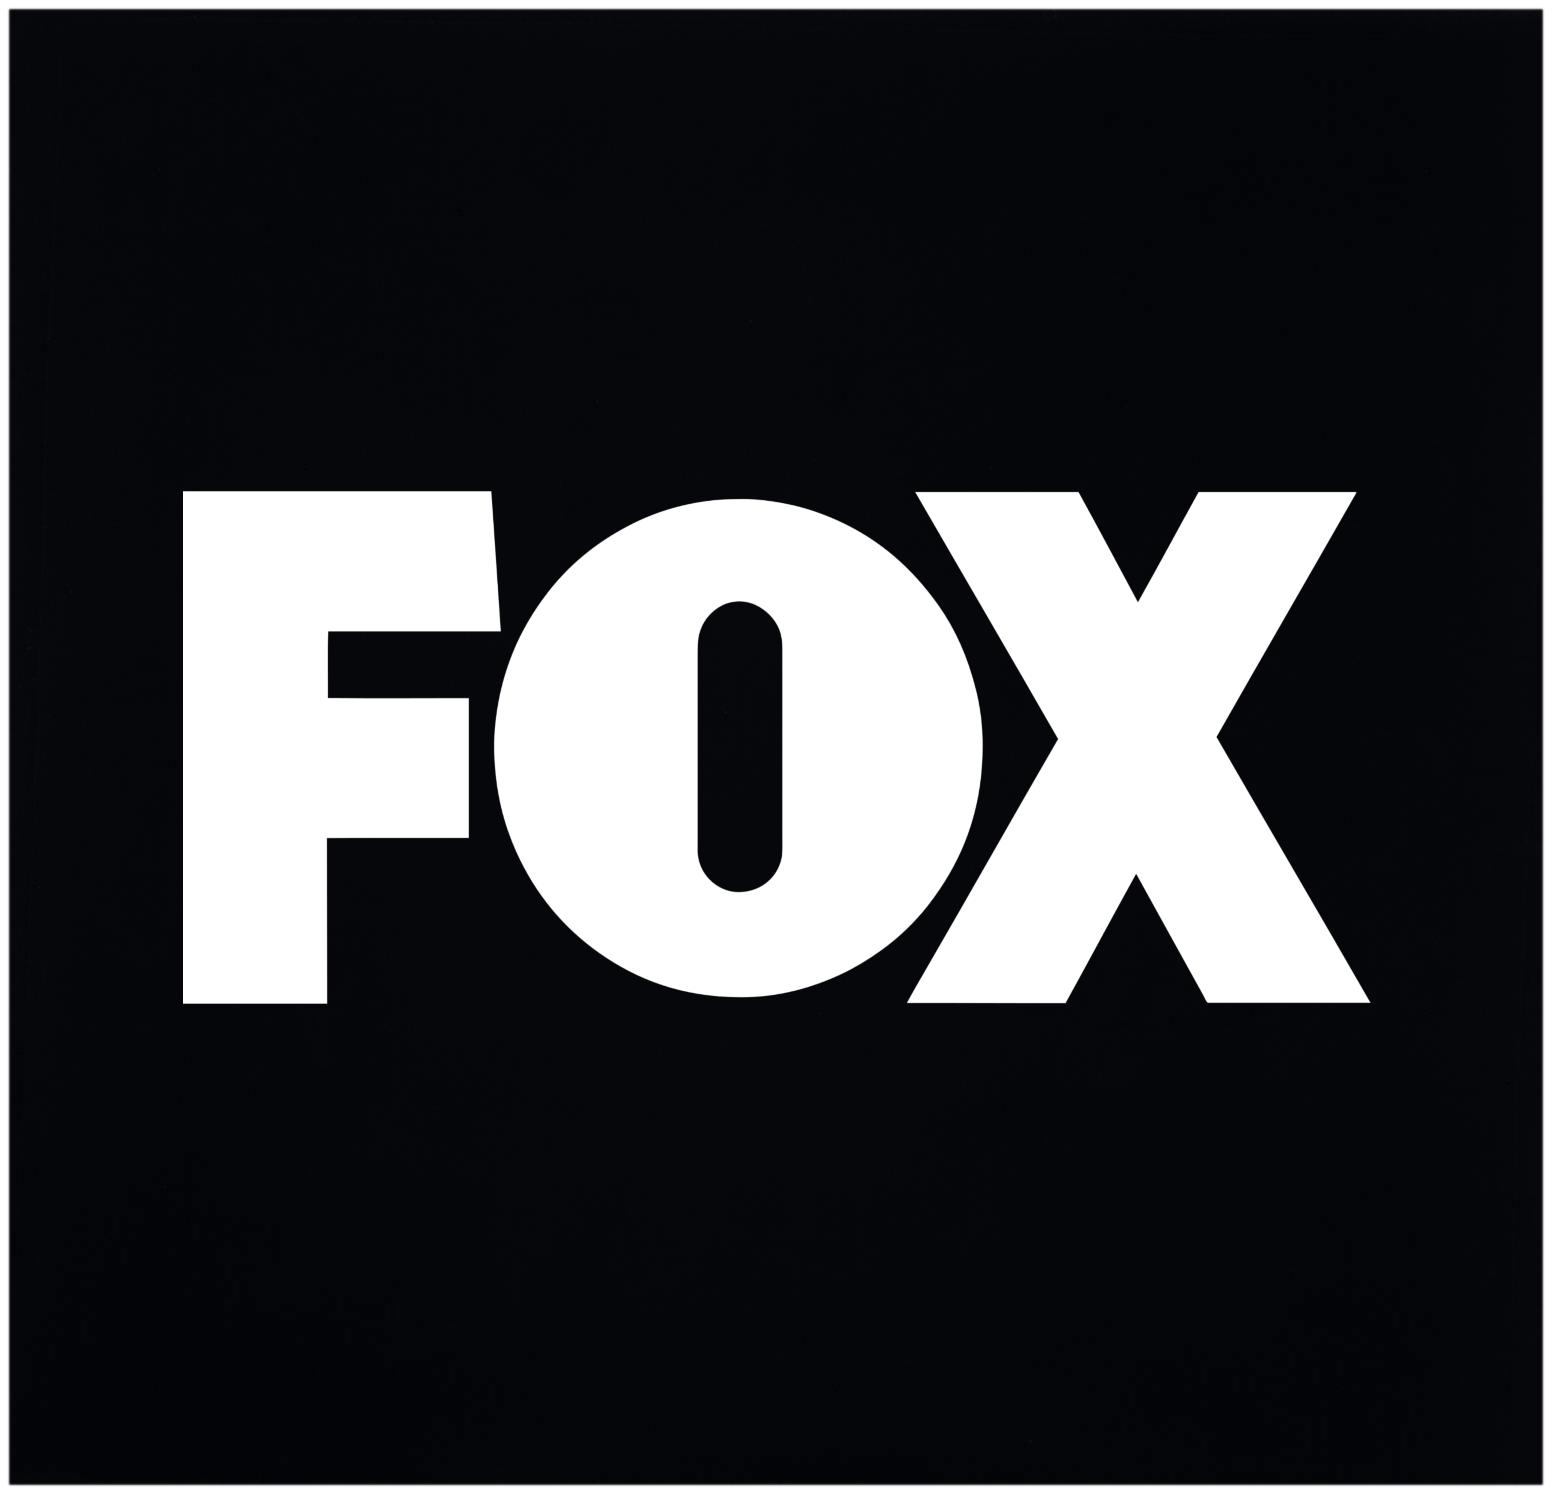 brand_fox.jpg